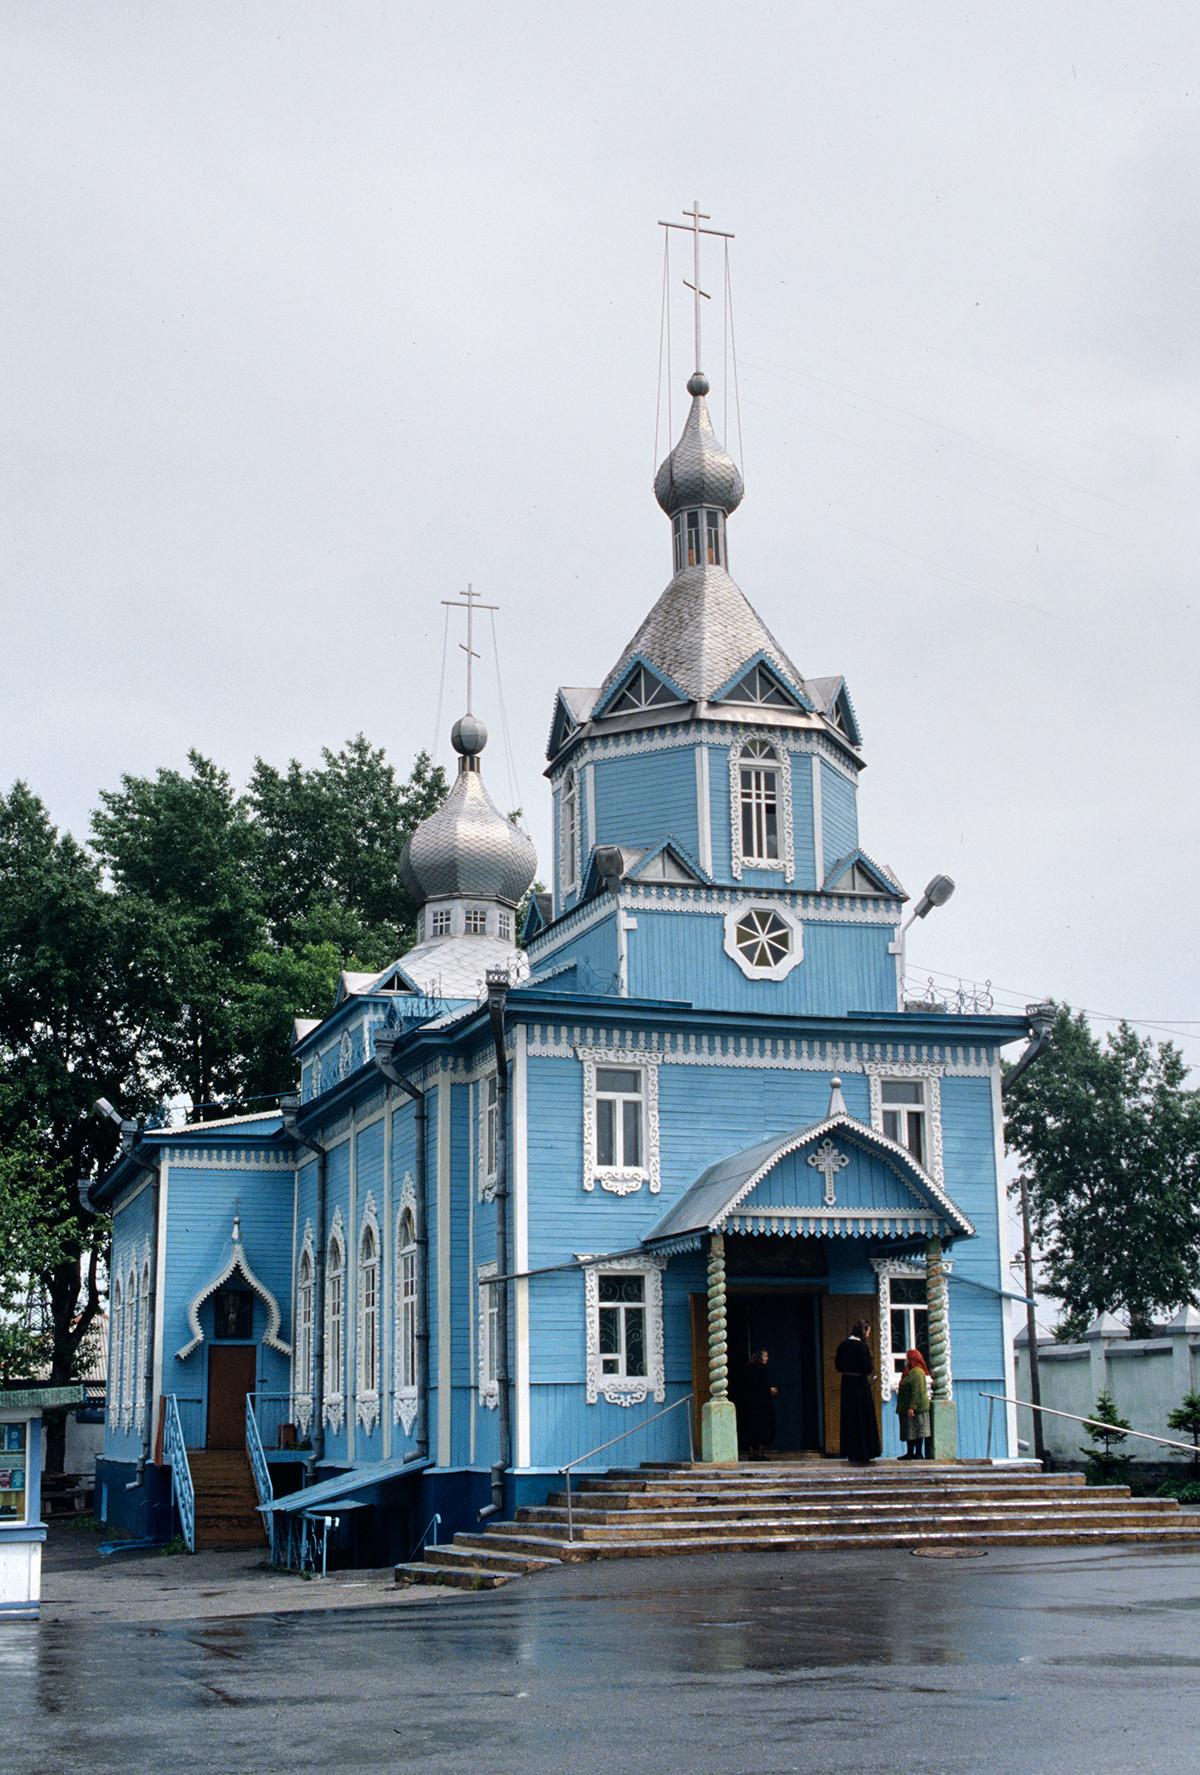 Cerkev zaščite Device Marije (Pokrov Svete Bogorodice) v Prokopjevsku v Kemerovski regiji, ki je bila v letih 1979-1983 obnovljena iz molitvene hiše